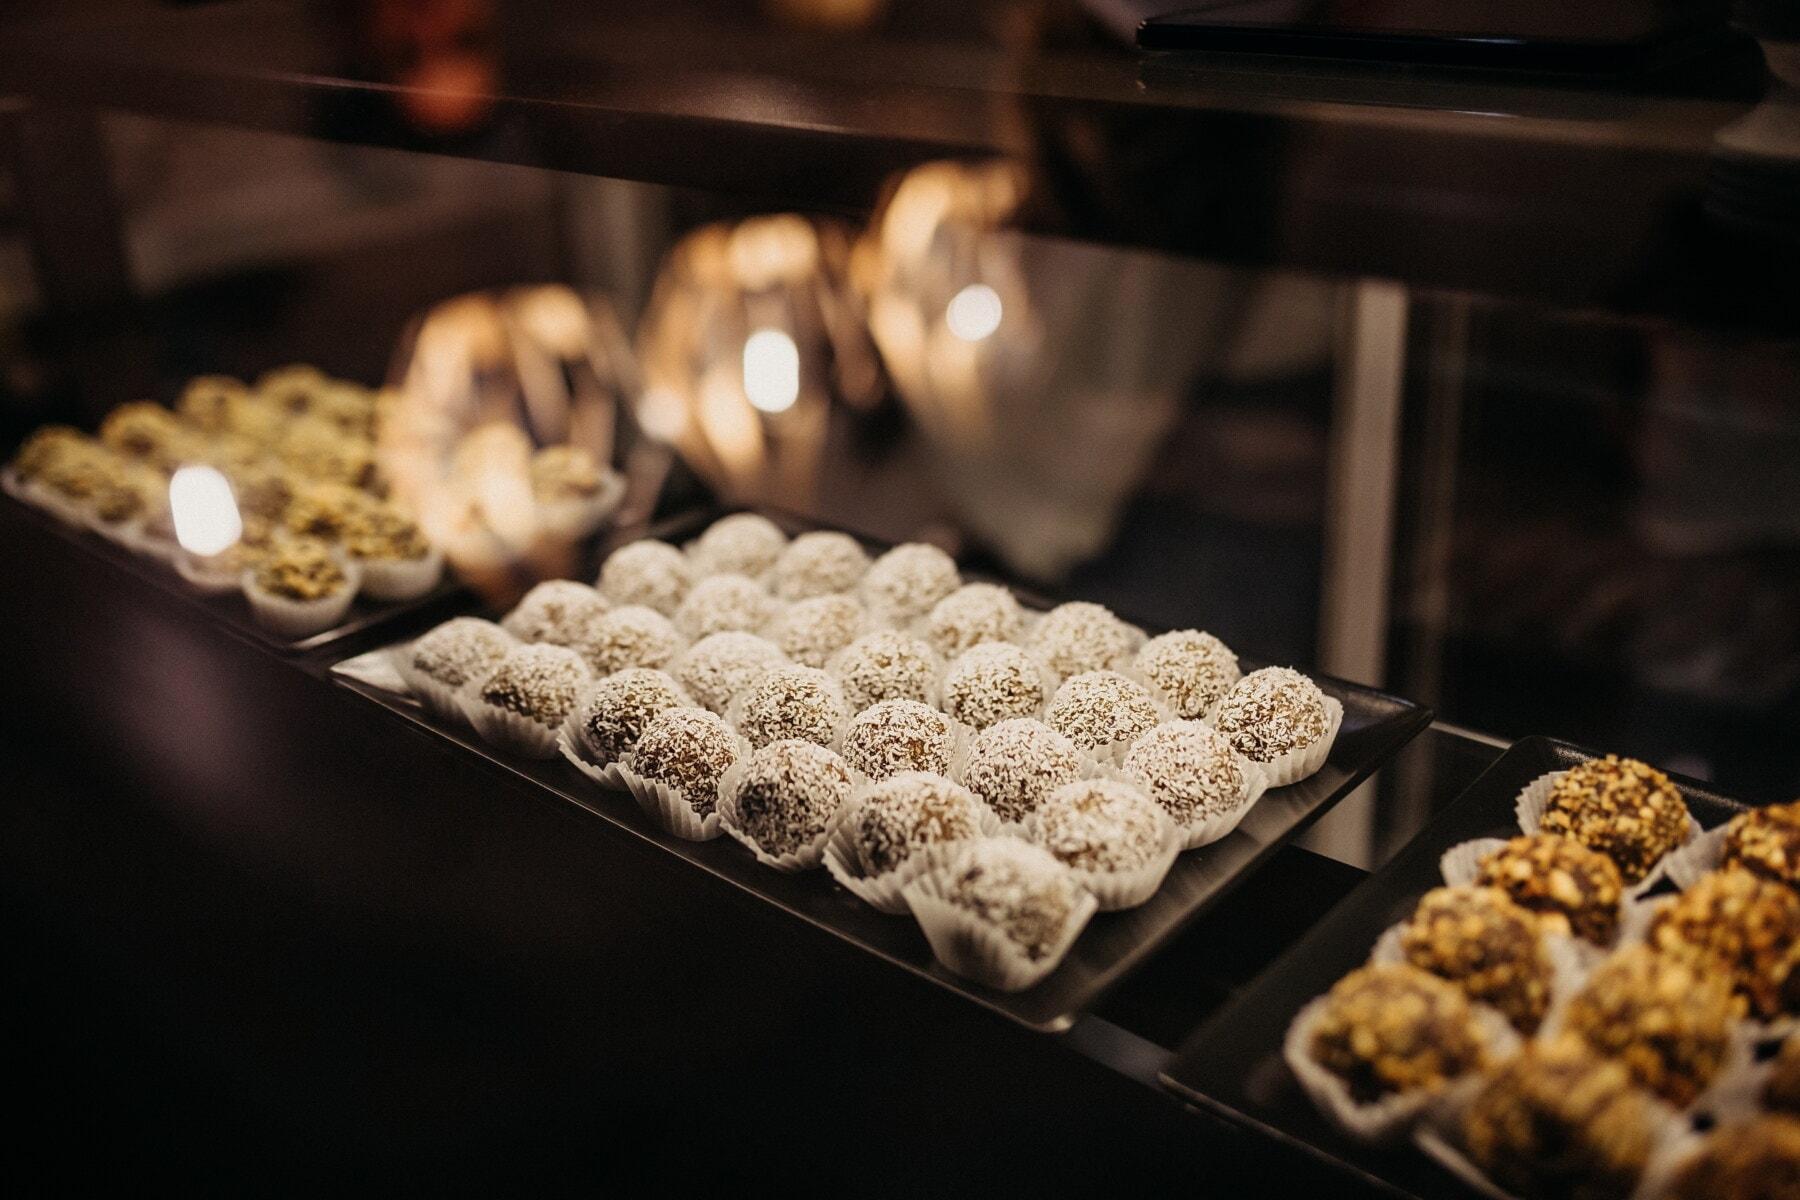 Dessert, kekse, Kuchenladen, Workshop, Essen, Schokolade, süß, Bonbon, Konditorei, lecker